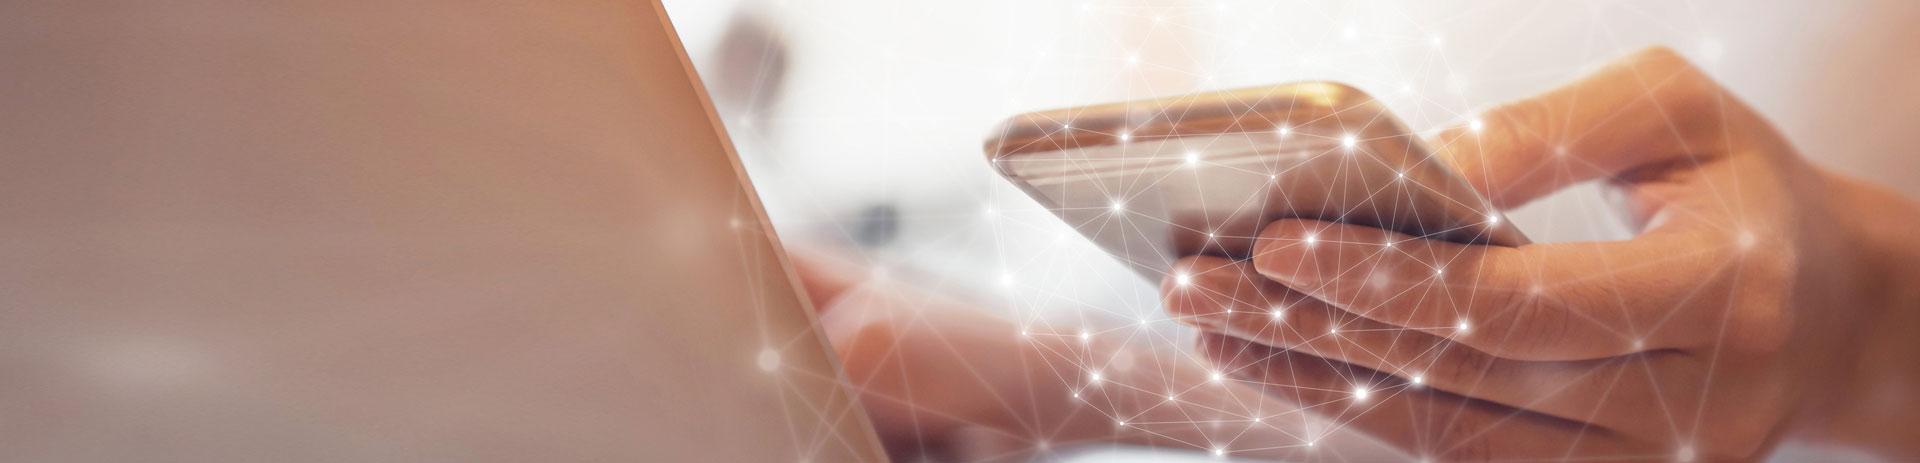 Mobiltelefon umgeben von vernetzten Punkten symbolisiert die ganzheitlichen, branchenspezifischen Software-, Internet und Telekommunikationslösungen, die für jede Branche das richtige Produktpaket bieten.